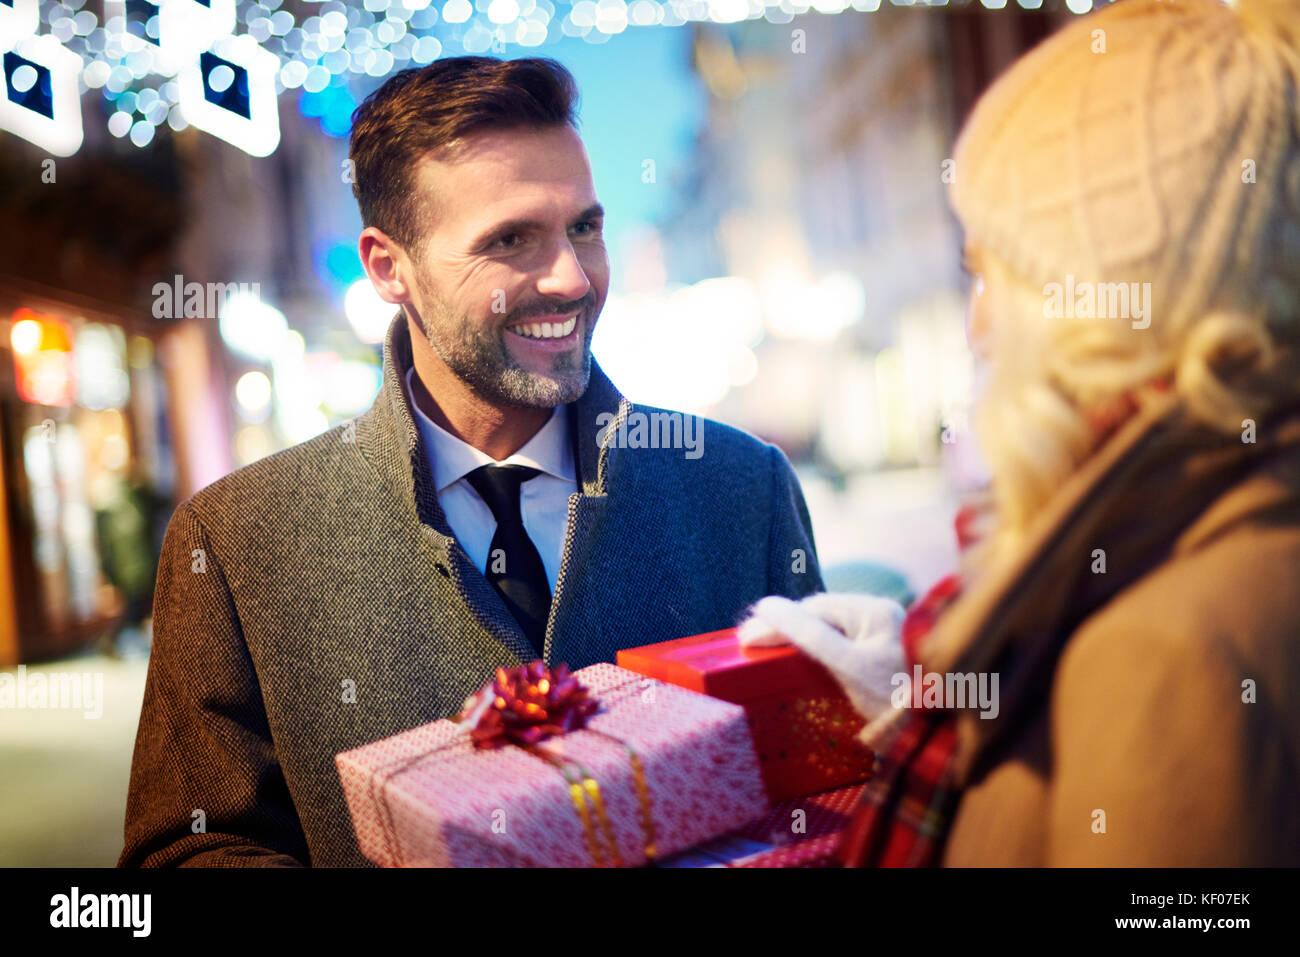 Hombre Mujer sorprendente con regalos inesperados Imagen De Stock